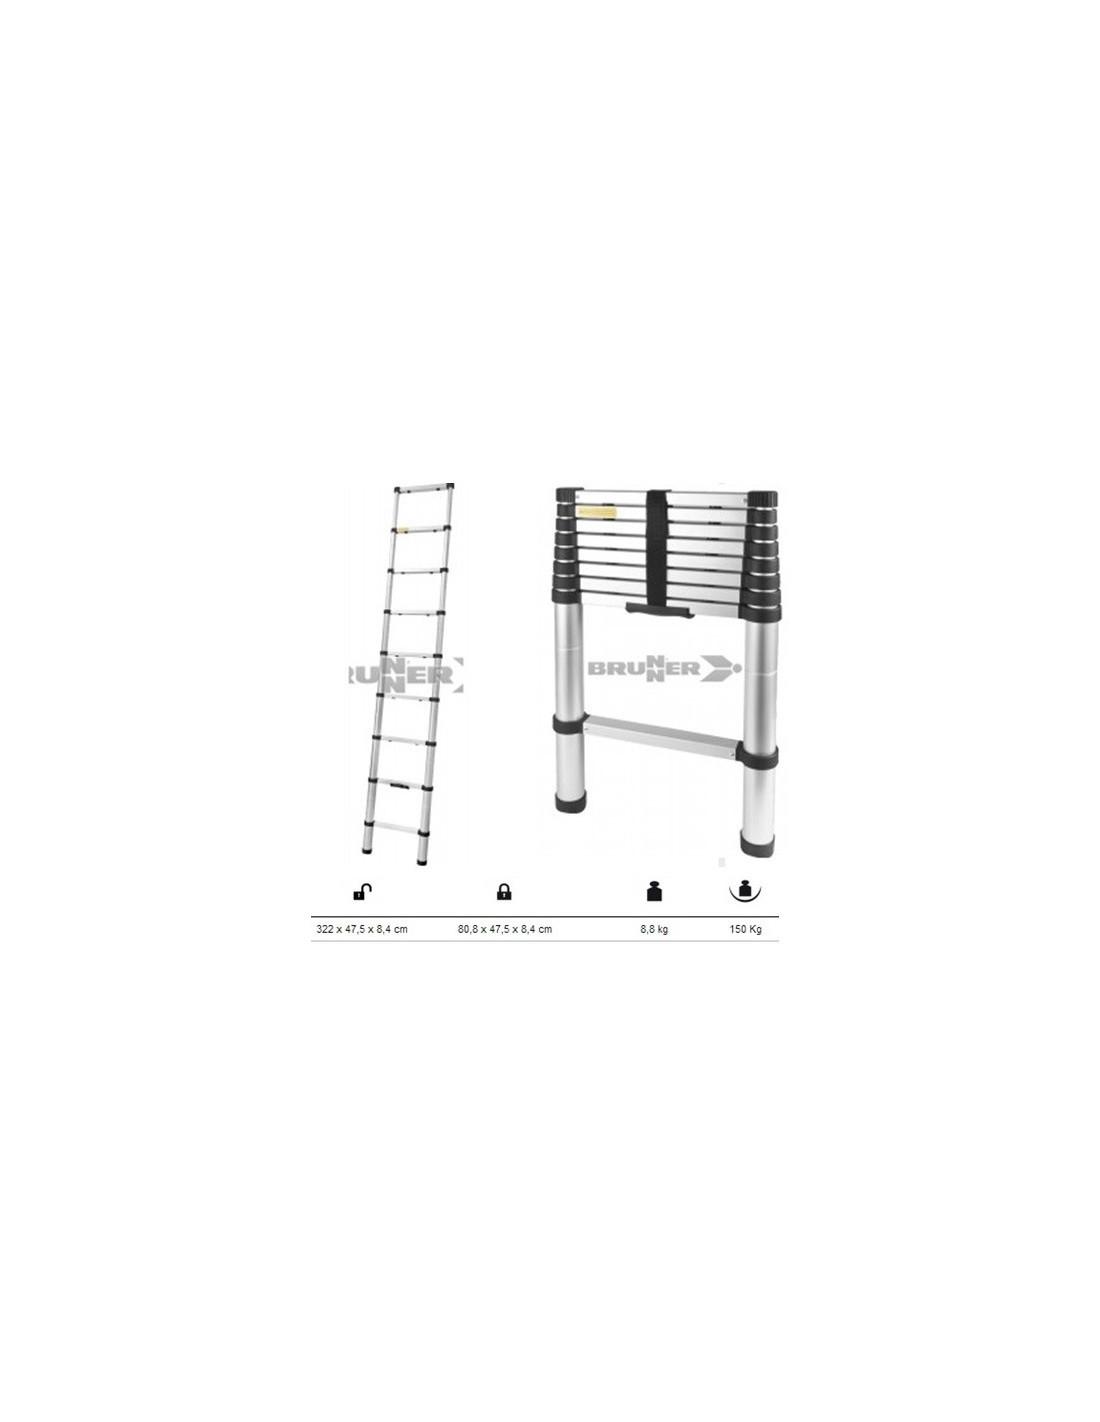 Escalera telesc pica de aluminio altura 3 22m tienda de for Precio escalera telescopica aluminio